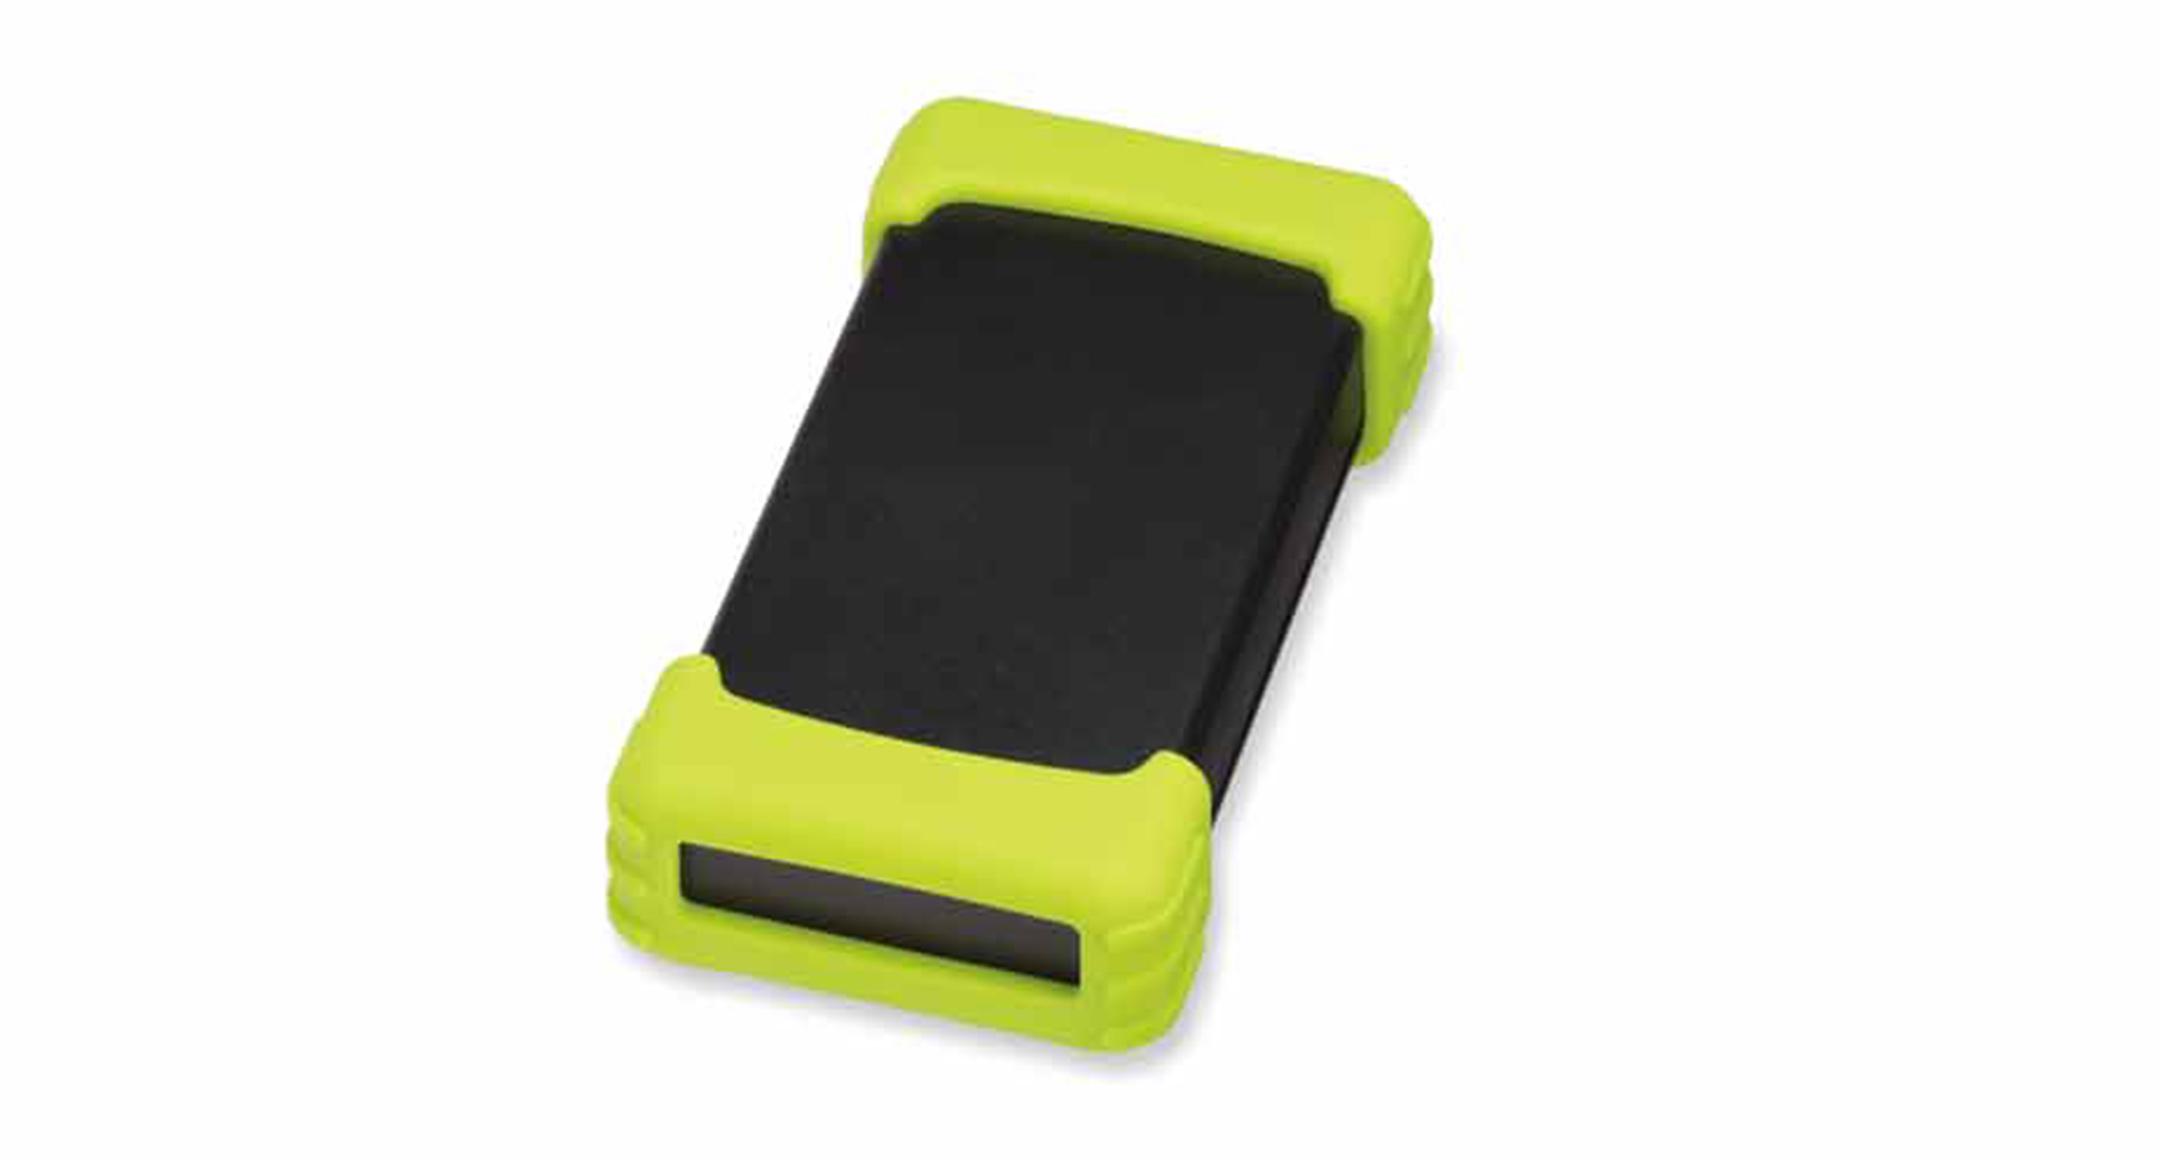 シリコンプロテクター付プラスチックケース TWSシリーズ:ブラック/グリーンの画像